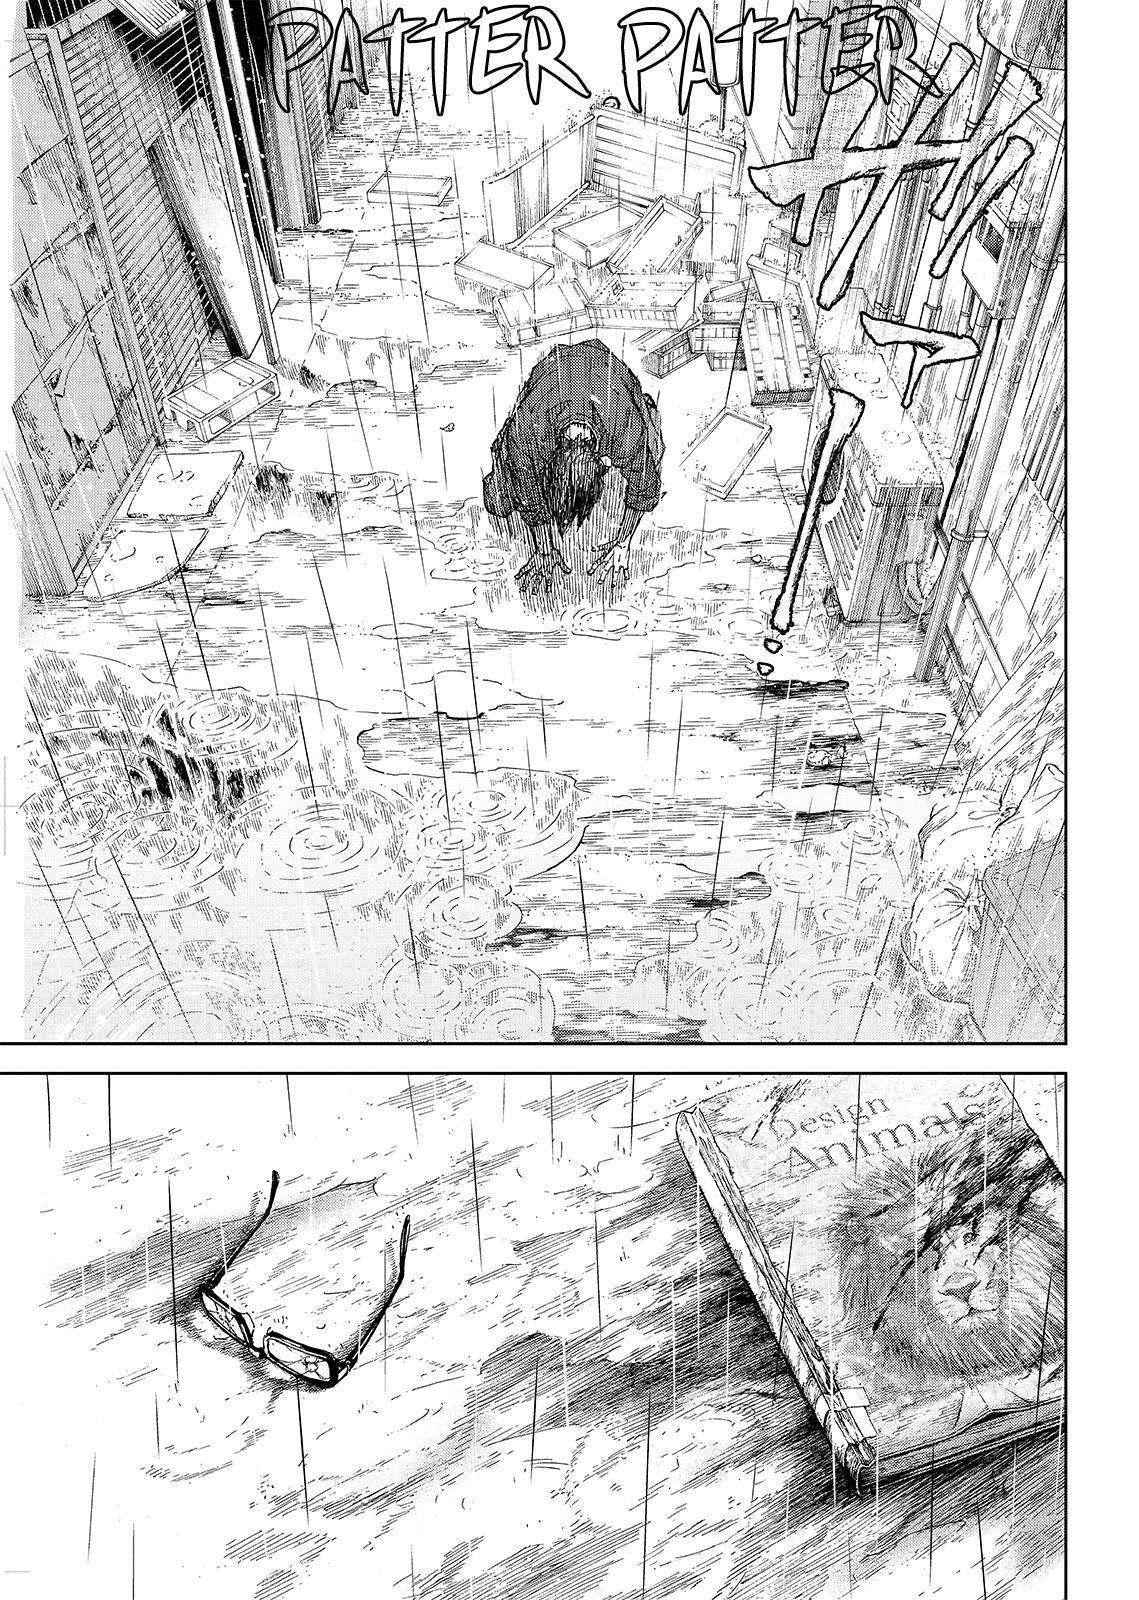 http://c5.ninemanga.com/es_manga/54/16310/392138/e14c38bd11cd714b970735ade2f233fa.jpg Page 6